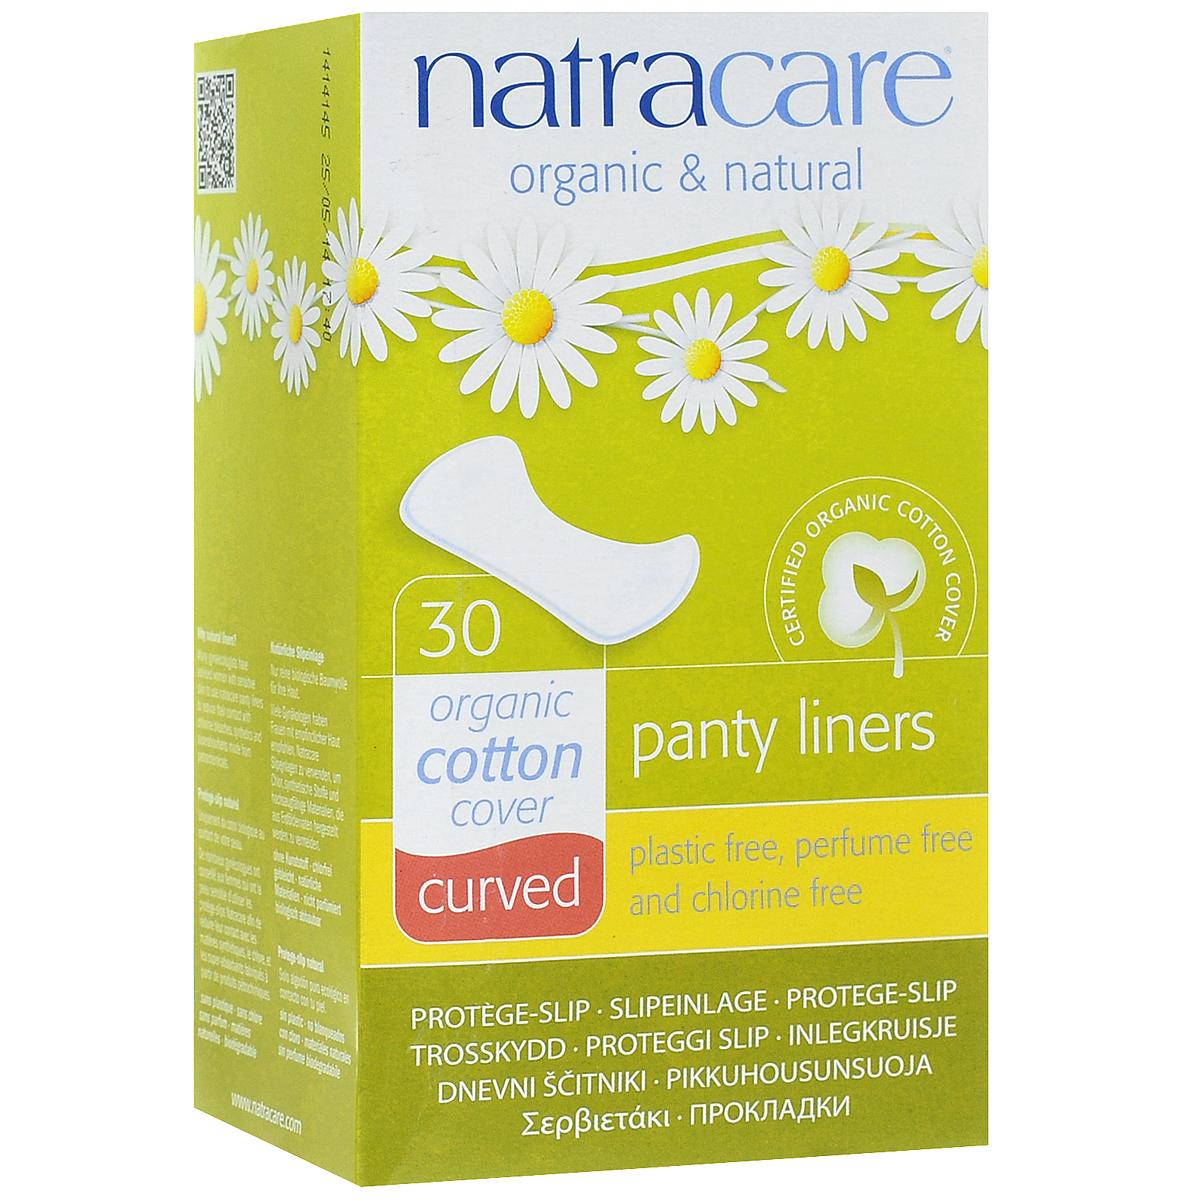 Natracare Ежедневные прокладки Curved, 30 шт3078Прокладки Natracare Curved, повторяющие анатомическую форму тела, предназначены для ежедневного использования, чтобы защитить нижнее белье и сохранить чувство свежести. Каждая прокладка снабжена влагонепроницаемым барьером.Прокладки изготовлены из 100% Био-хлопка - экологически чистого продукта, выращенного без использования пестицидов, не содержат вредные ингредиенты, не отбелены хлором, и полностью разлагаются после применения.В производстве прокладок использовался биопласт - пластик нового поколения, изготовленный из кукурузного крахмала, без ГМО. Он воздухопроницаемый, но не пропускает жидкость. В противоположность обычным пластикам, биопласт изготовлен из растительных материалов и биоразлагается.Товар сертифицирован.